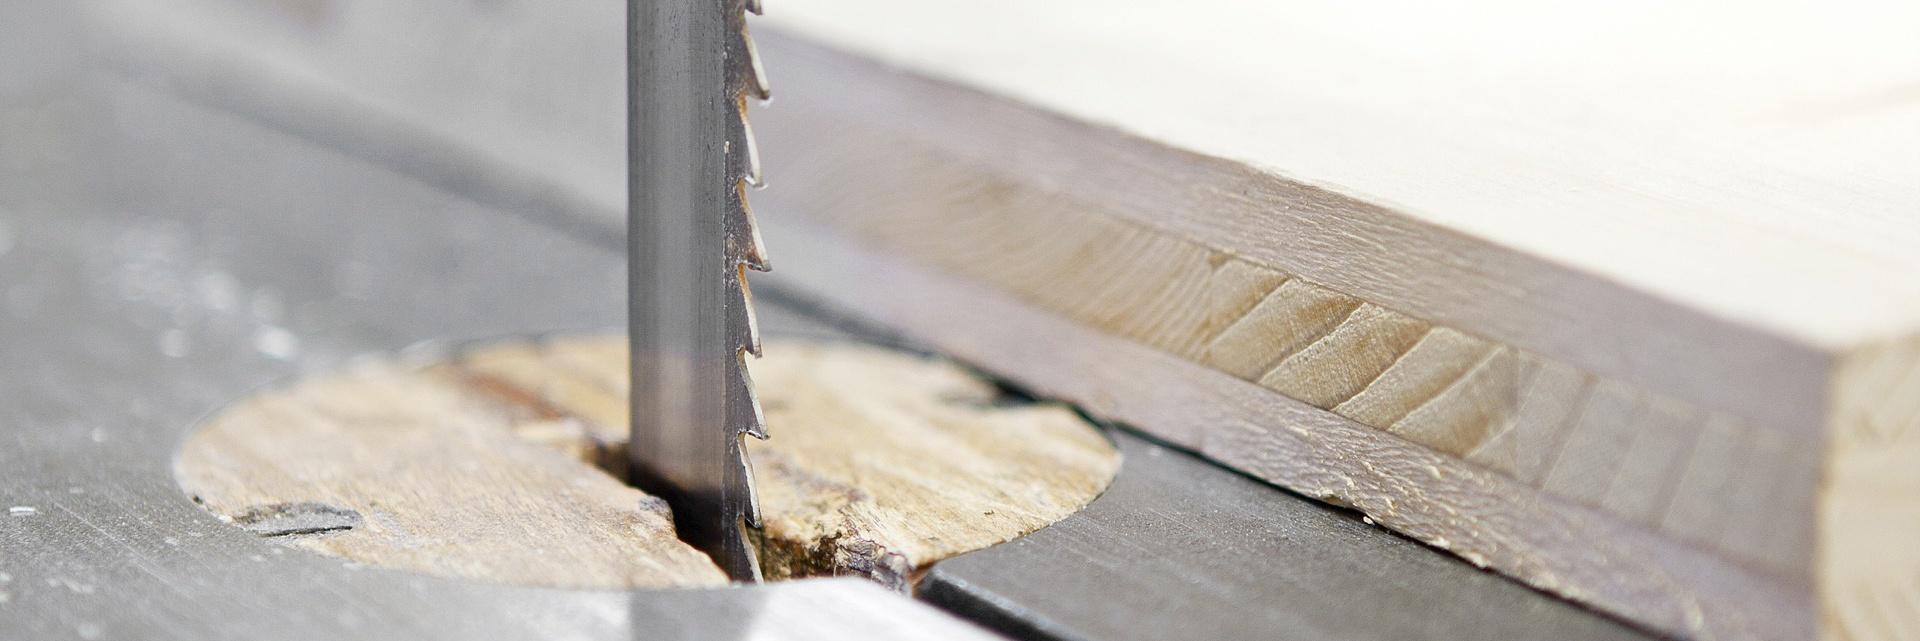 welche heizung bei neubau heizung im neubau vaillant heizung im altbau die besten l sungen f r. Black Bedroom Furniture Sets. Home Design Ideas